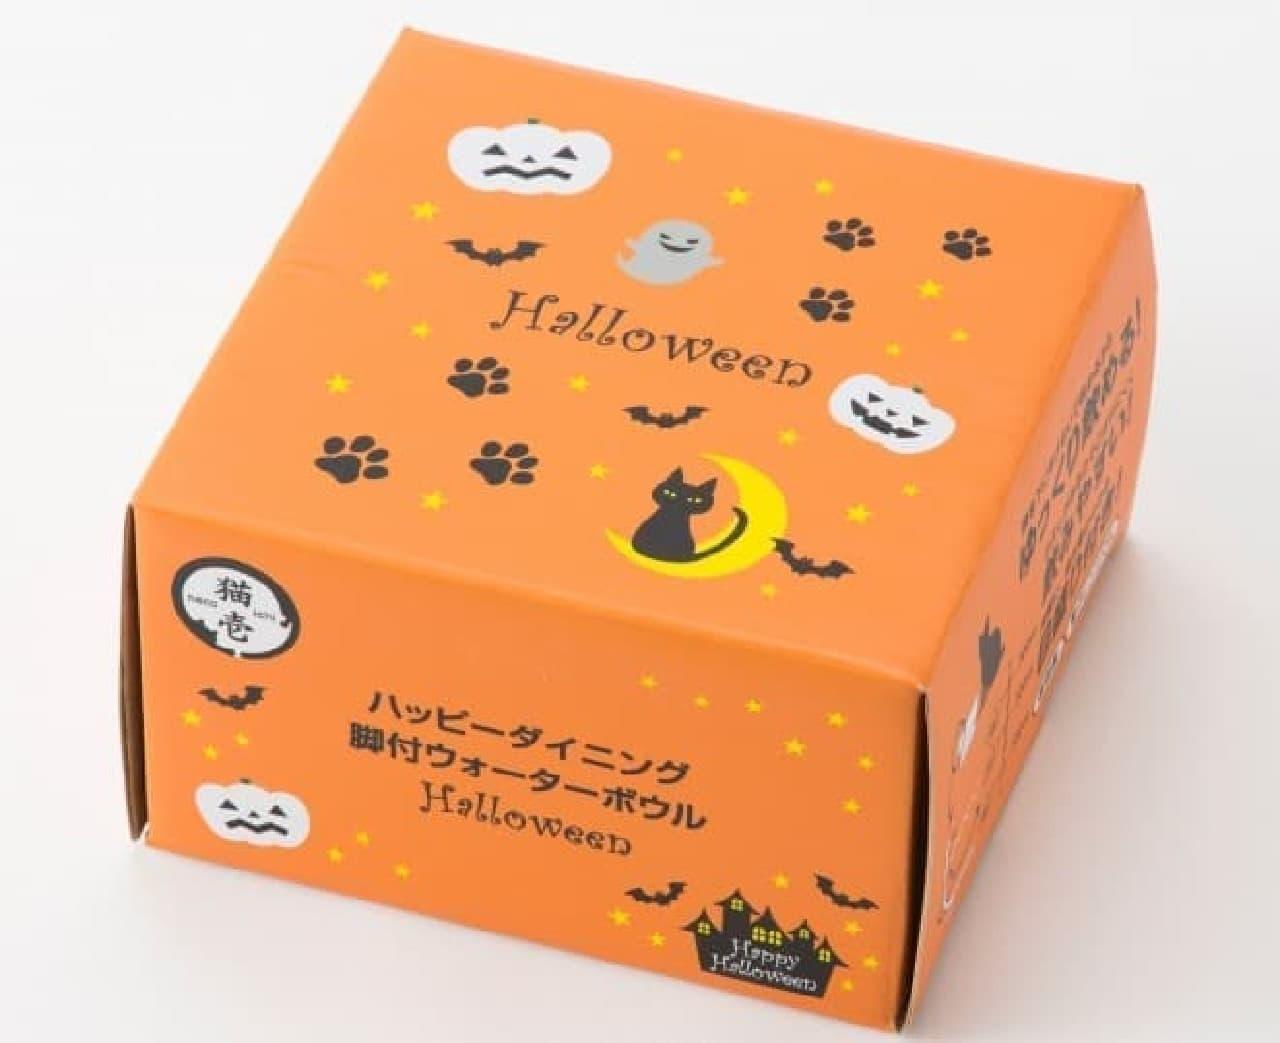 猫壱ハッピーダイニングシリーズに、「限定HALLOWEEN柄」登場